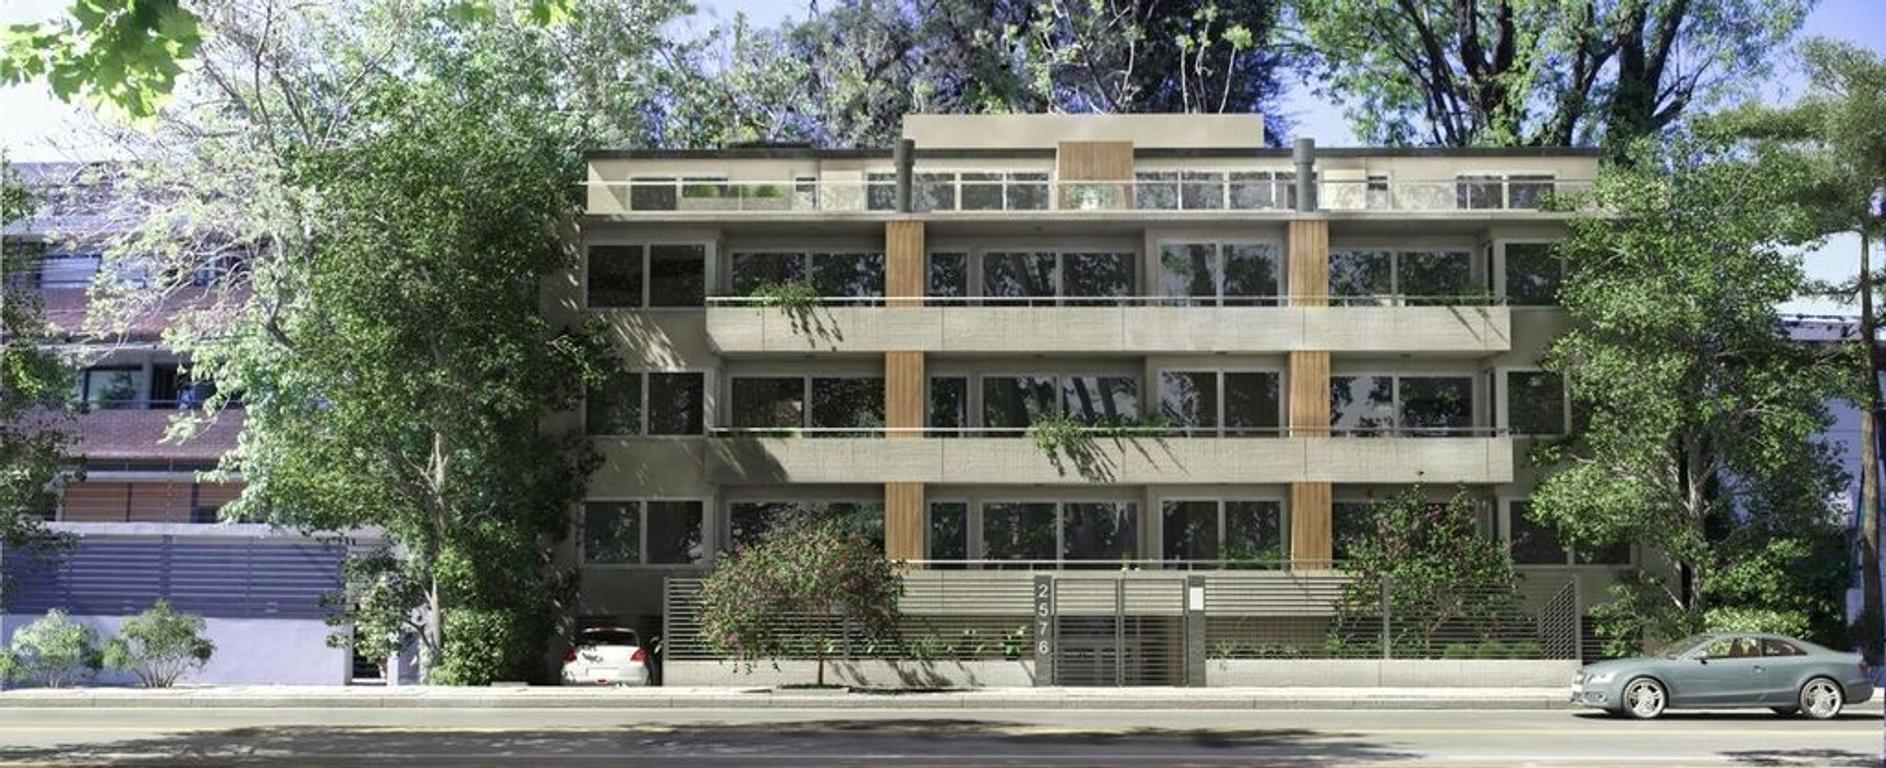 Departamento  en Venta ubicado en San Fernando, Zona Norte - LOM0531_LP122489_1